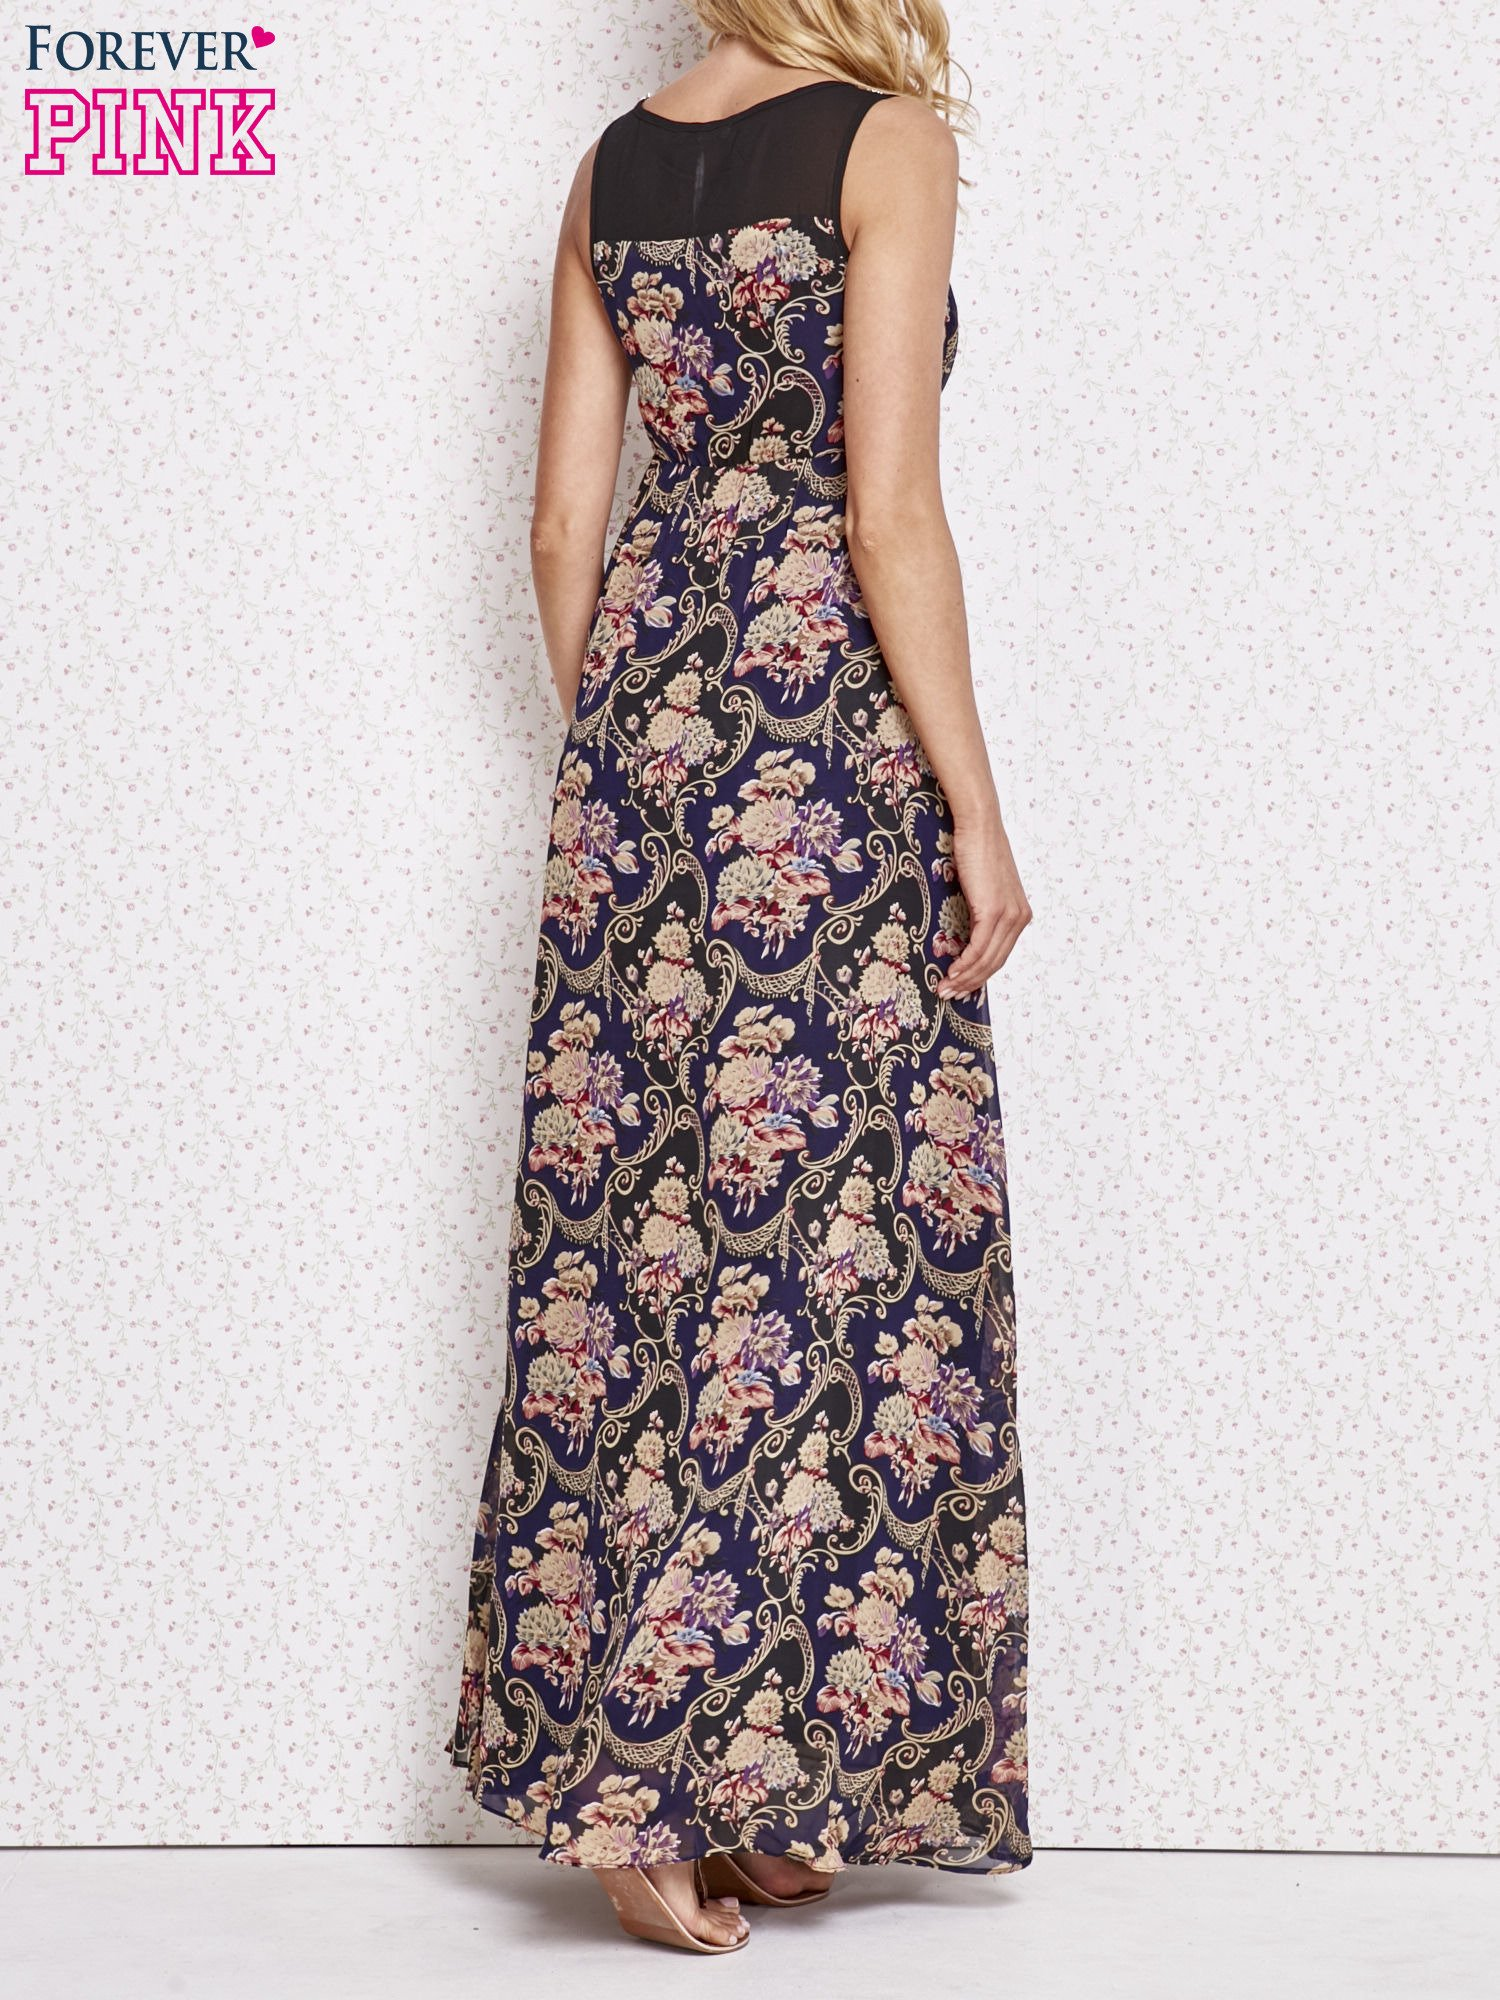 Fioletowa kwiatowa sukienka maxi z biżuteryjnym dekoltem                                  zdj.                                  2